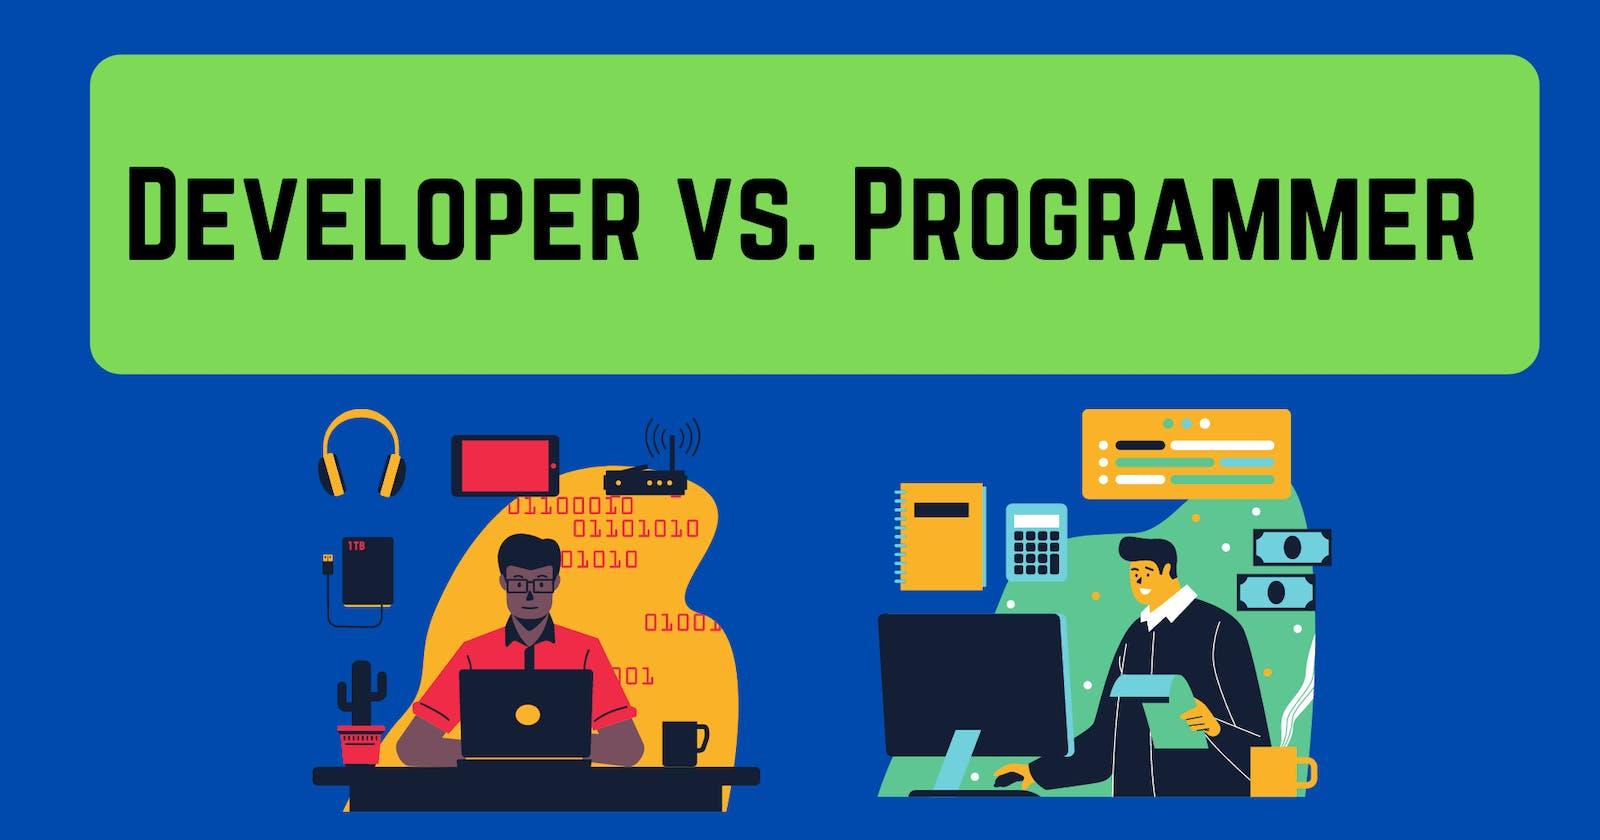 Developer vs. Programmer